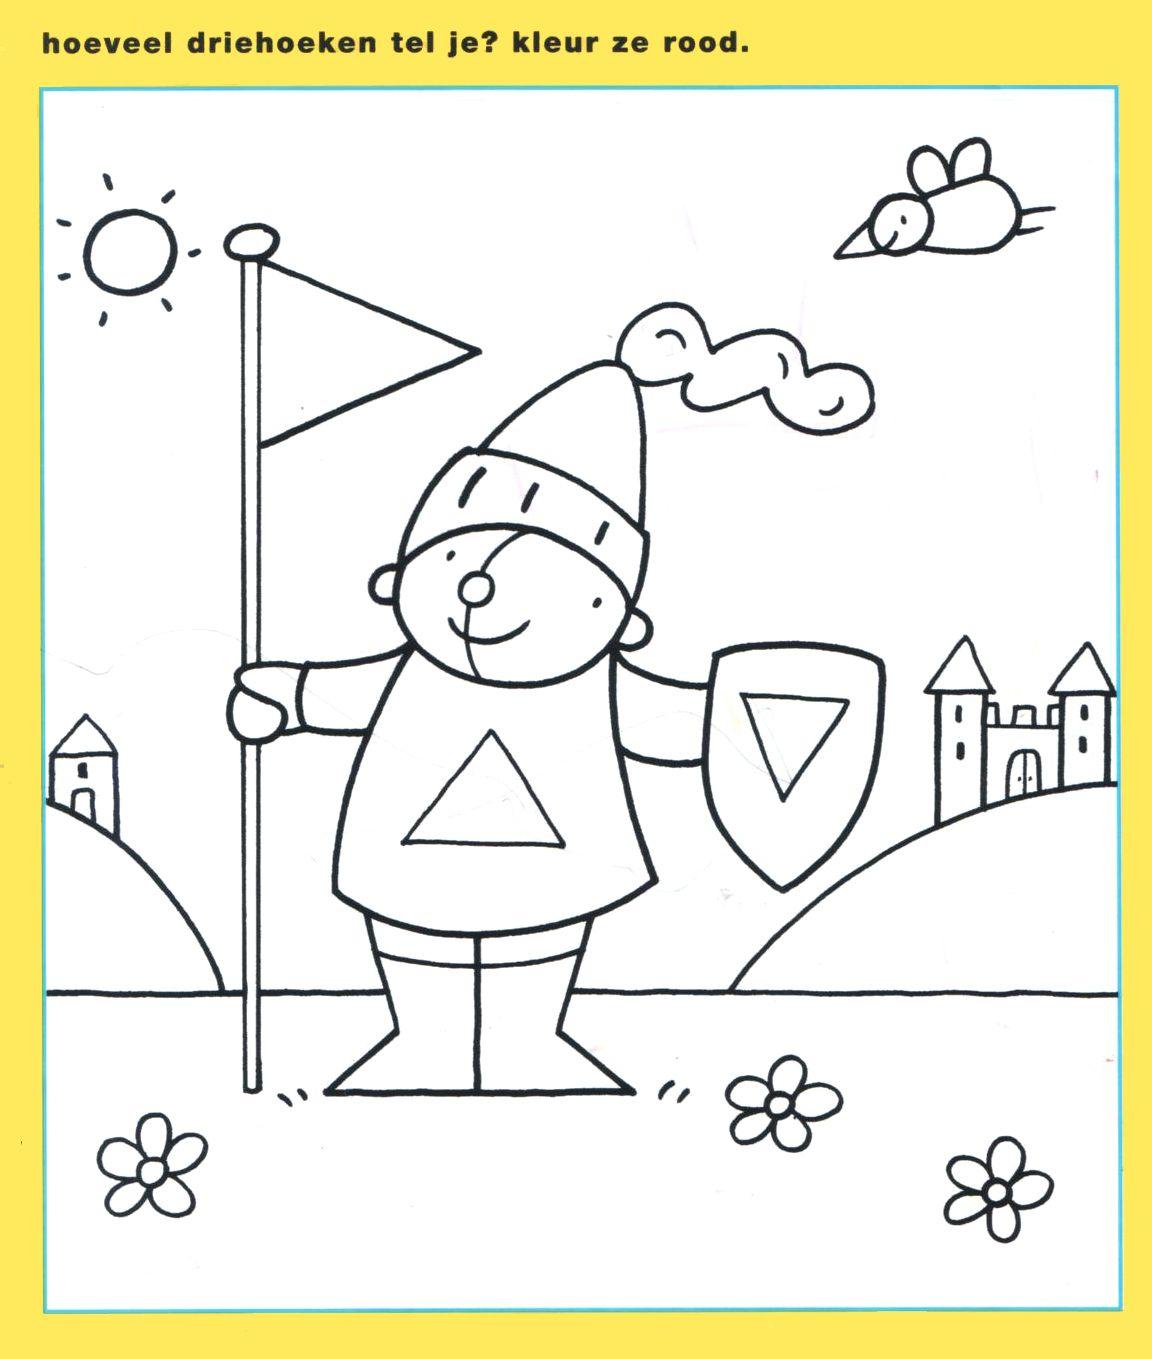 Werkblad Vormen En Kleuren Ridders Prinsessen Thema